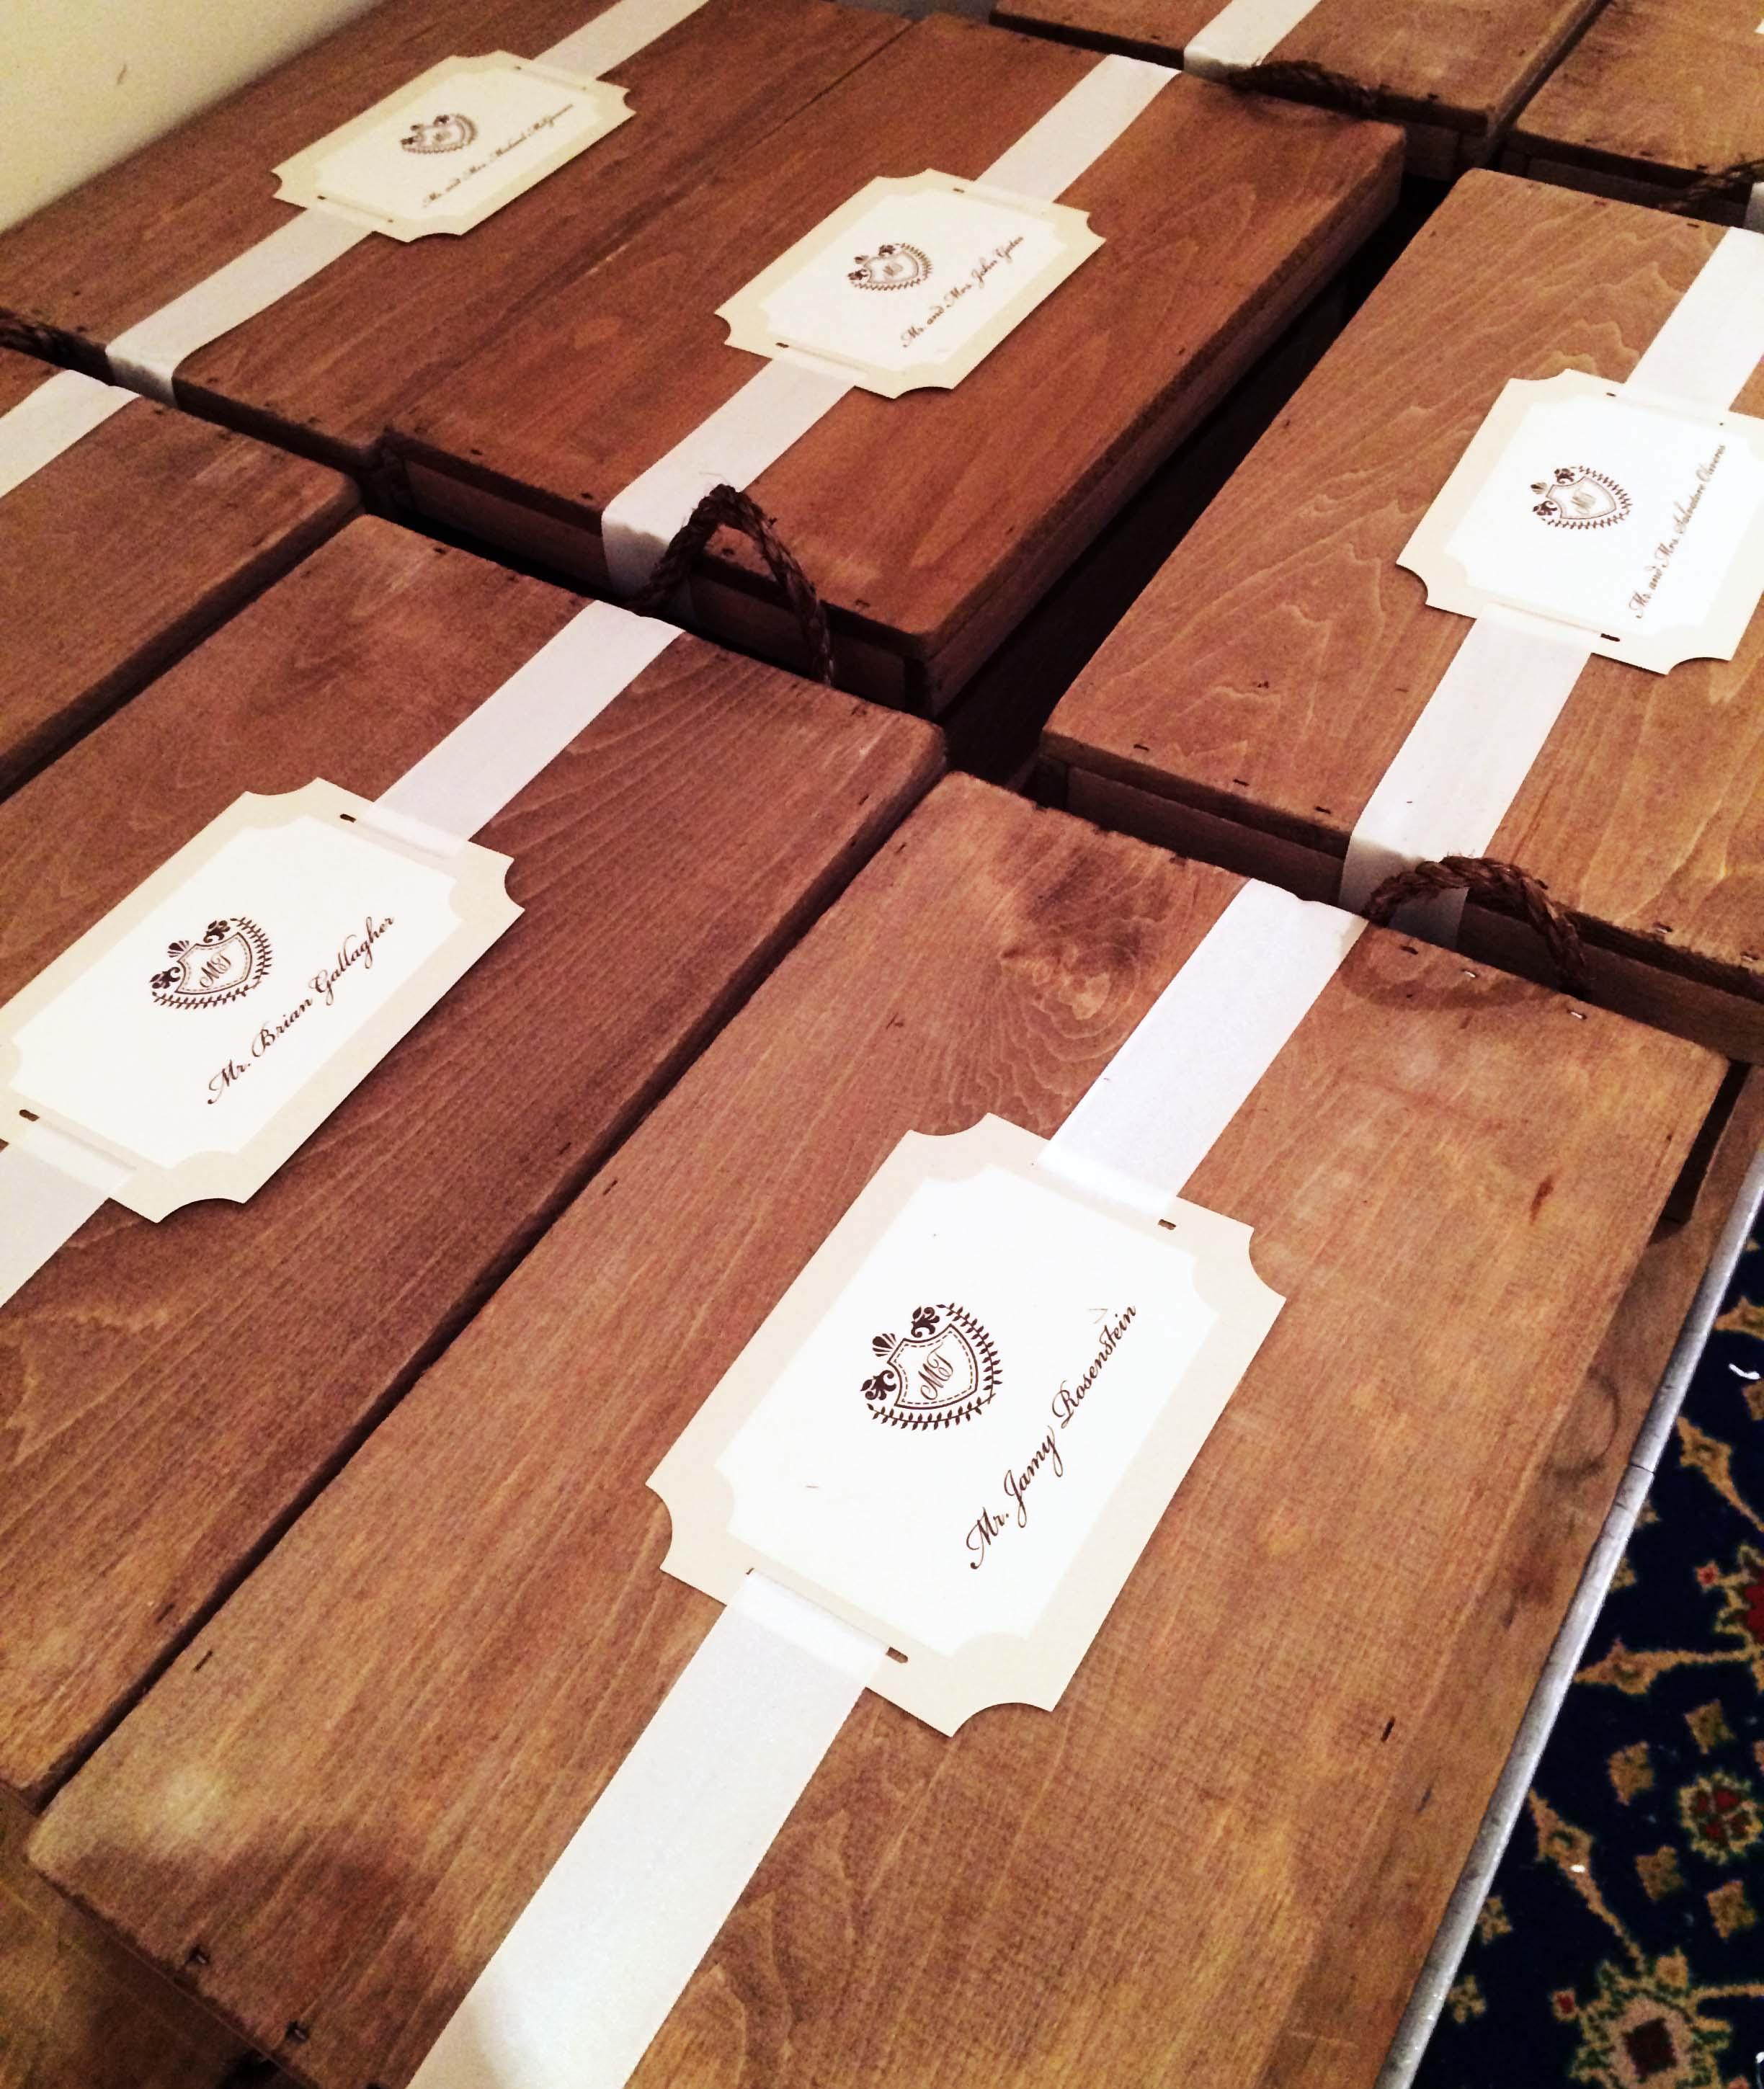 ITALIAN WEDDING WELCOME BOXES